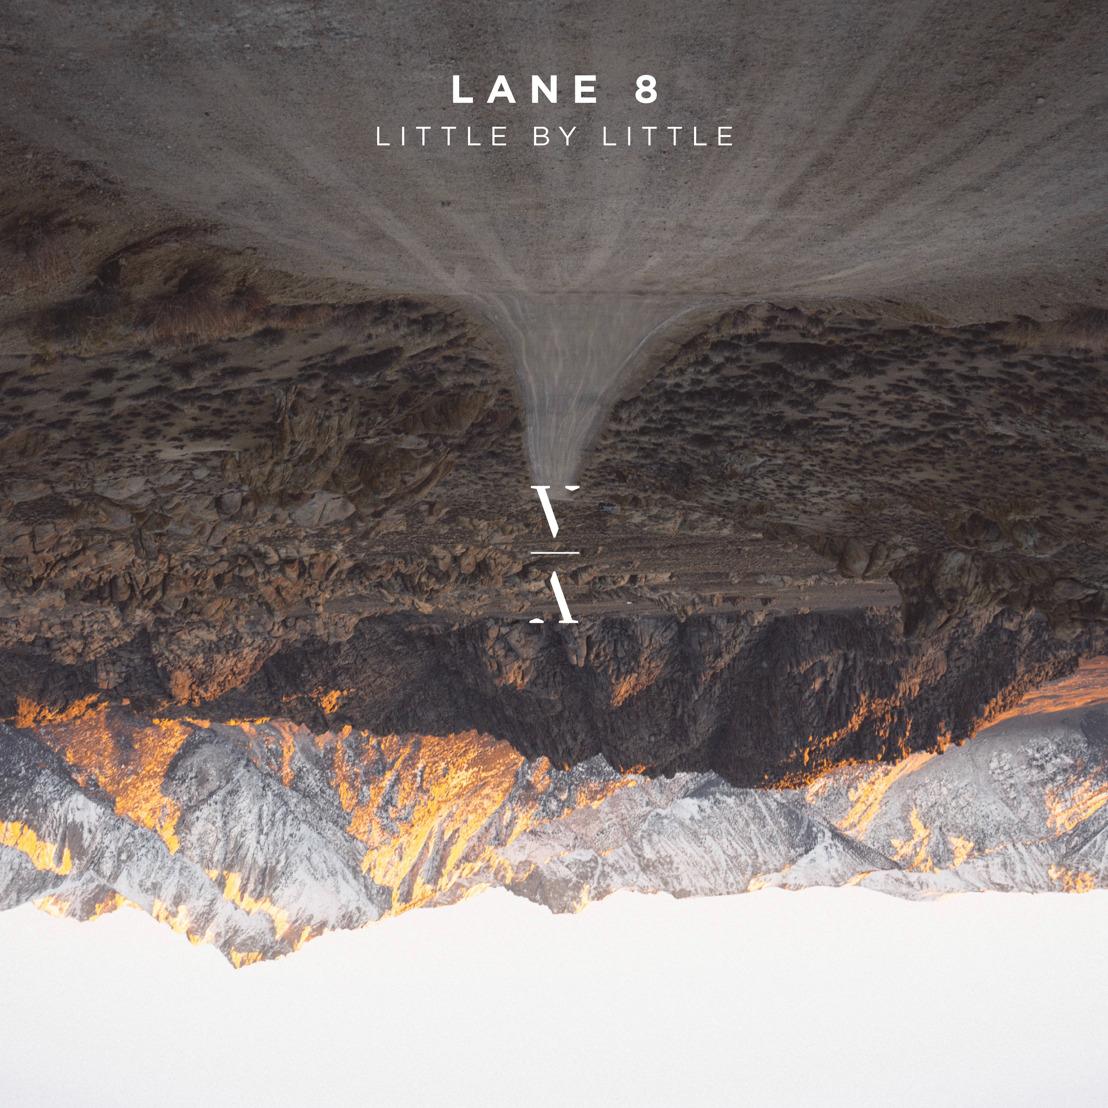 Lane 8 Announces Second Album 'Little By Little' With First Single 'No Captain feat. POLIÇA'